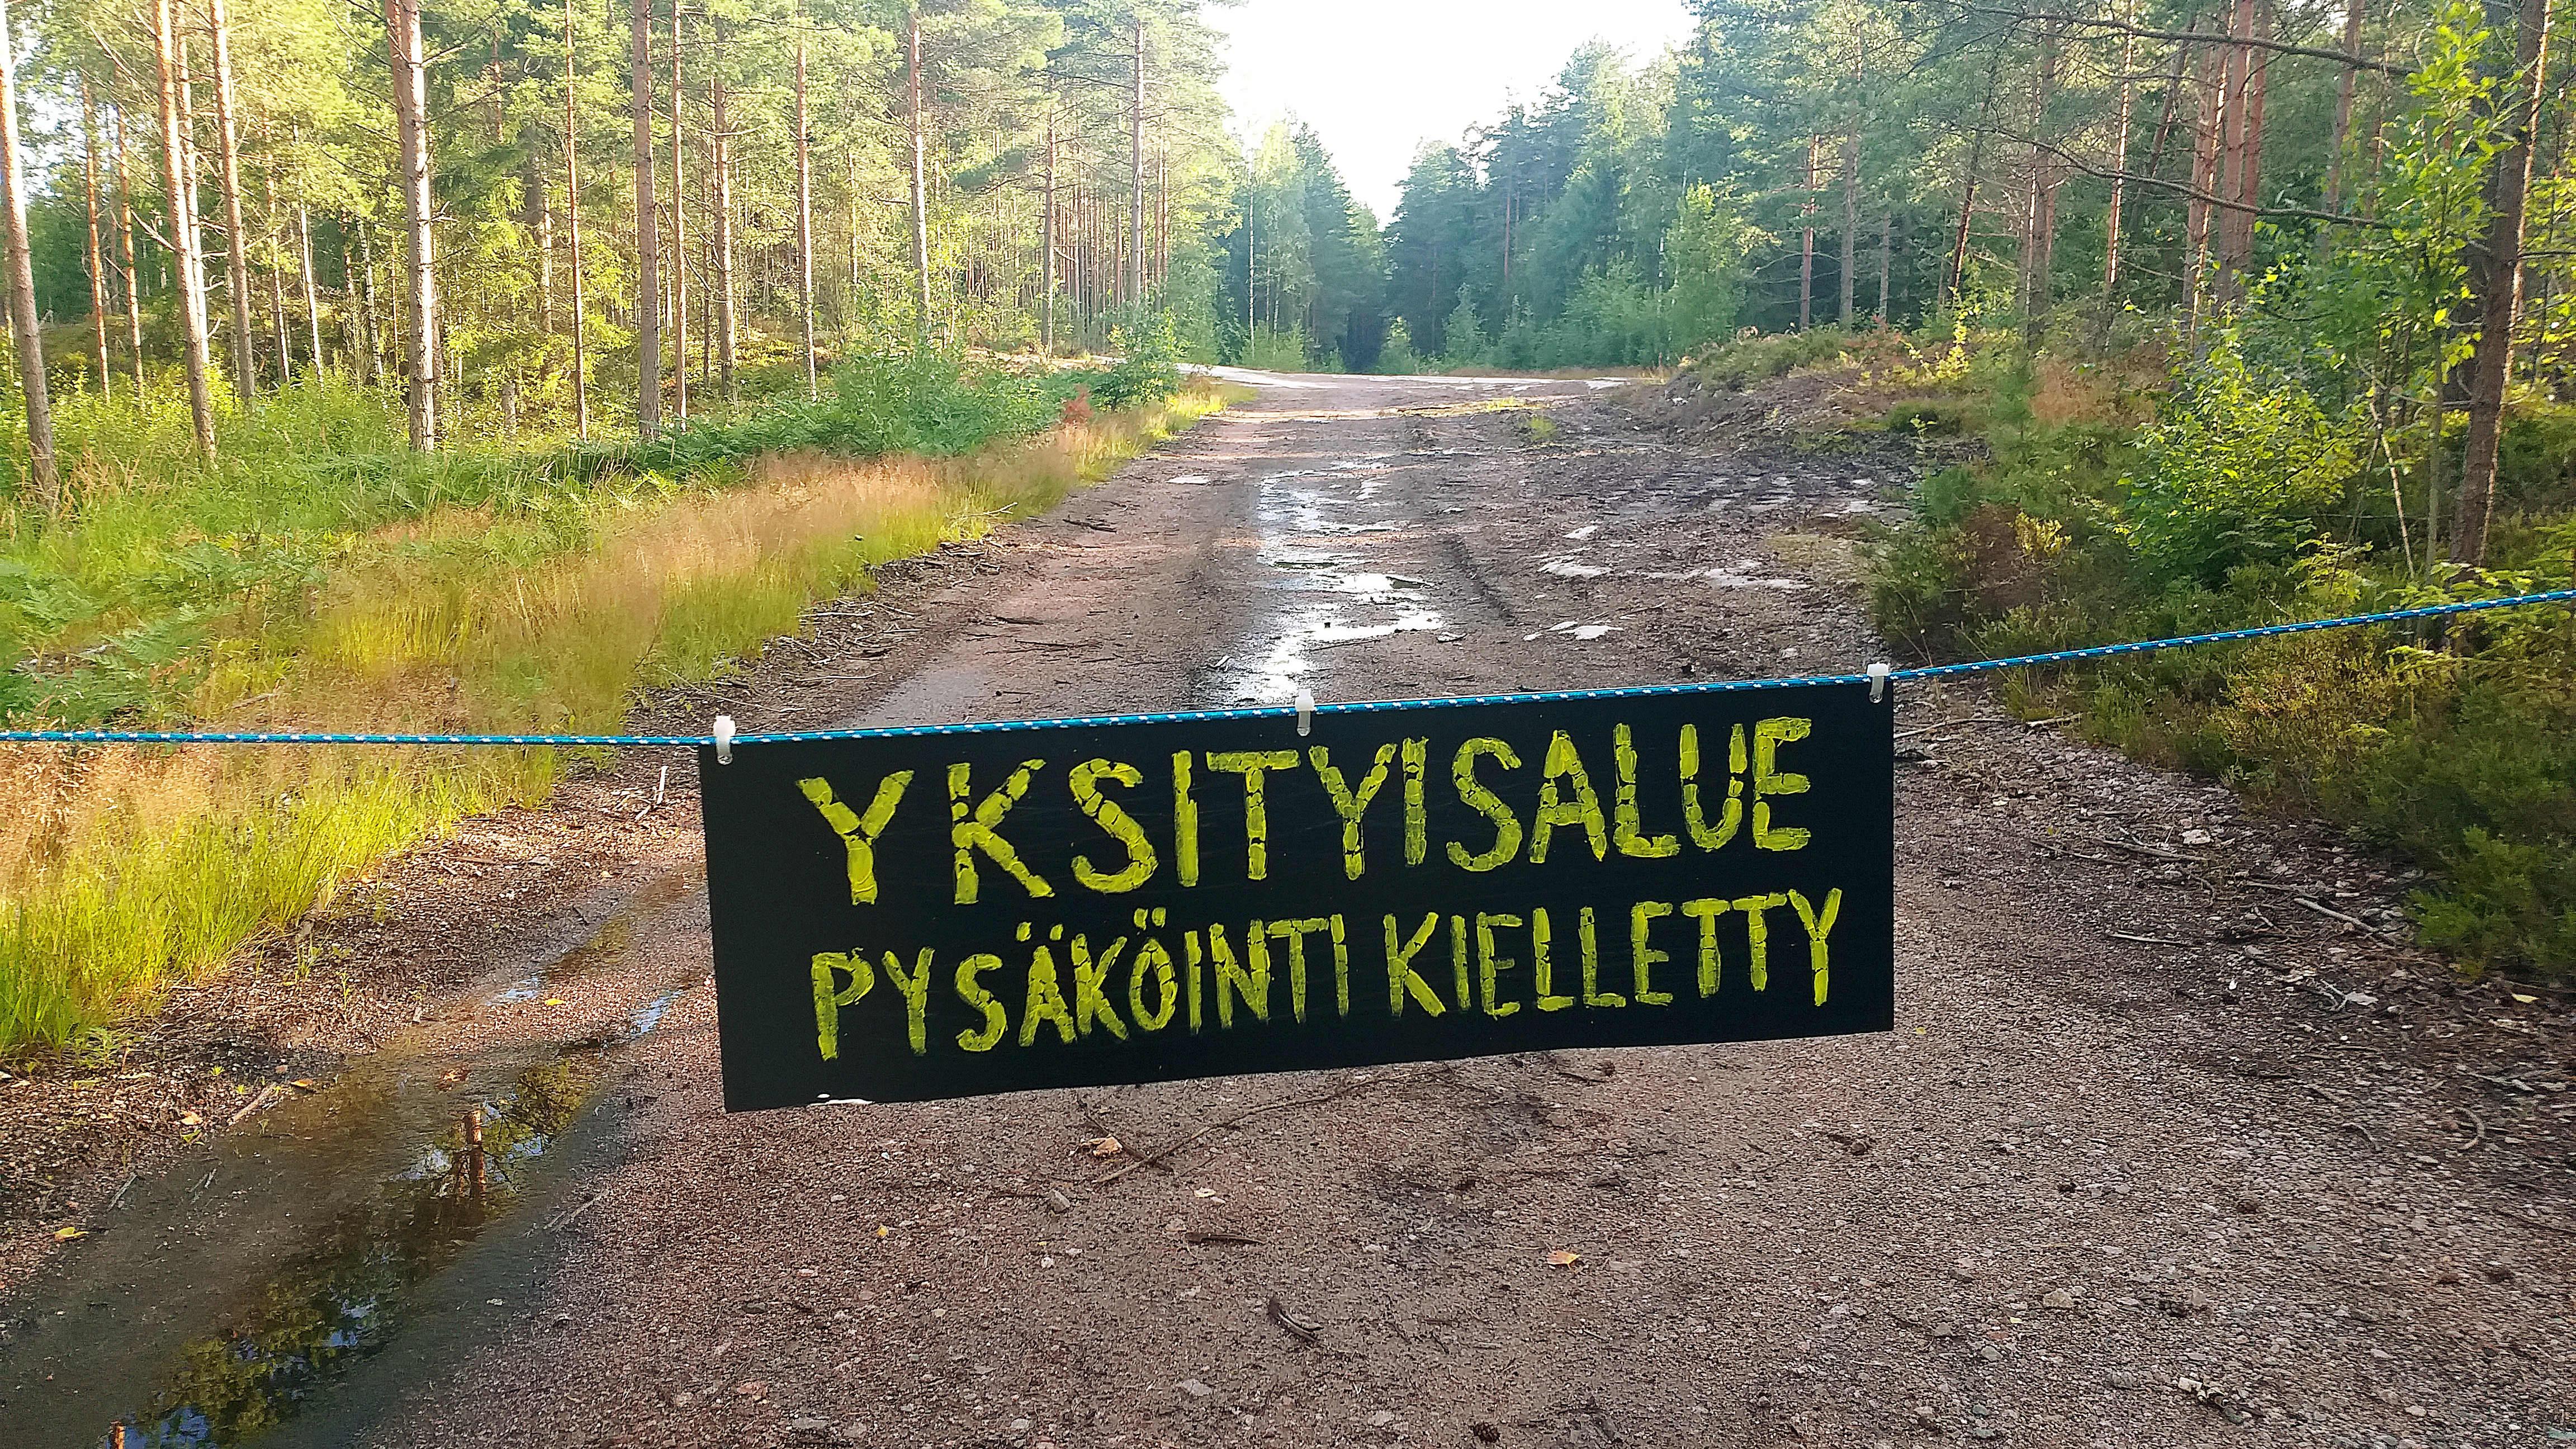 Yksityisalue – pysäköinti kielletty -kyltti yksityistiellä metsän keskellä